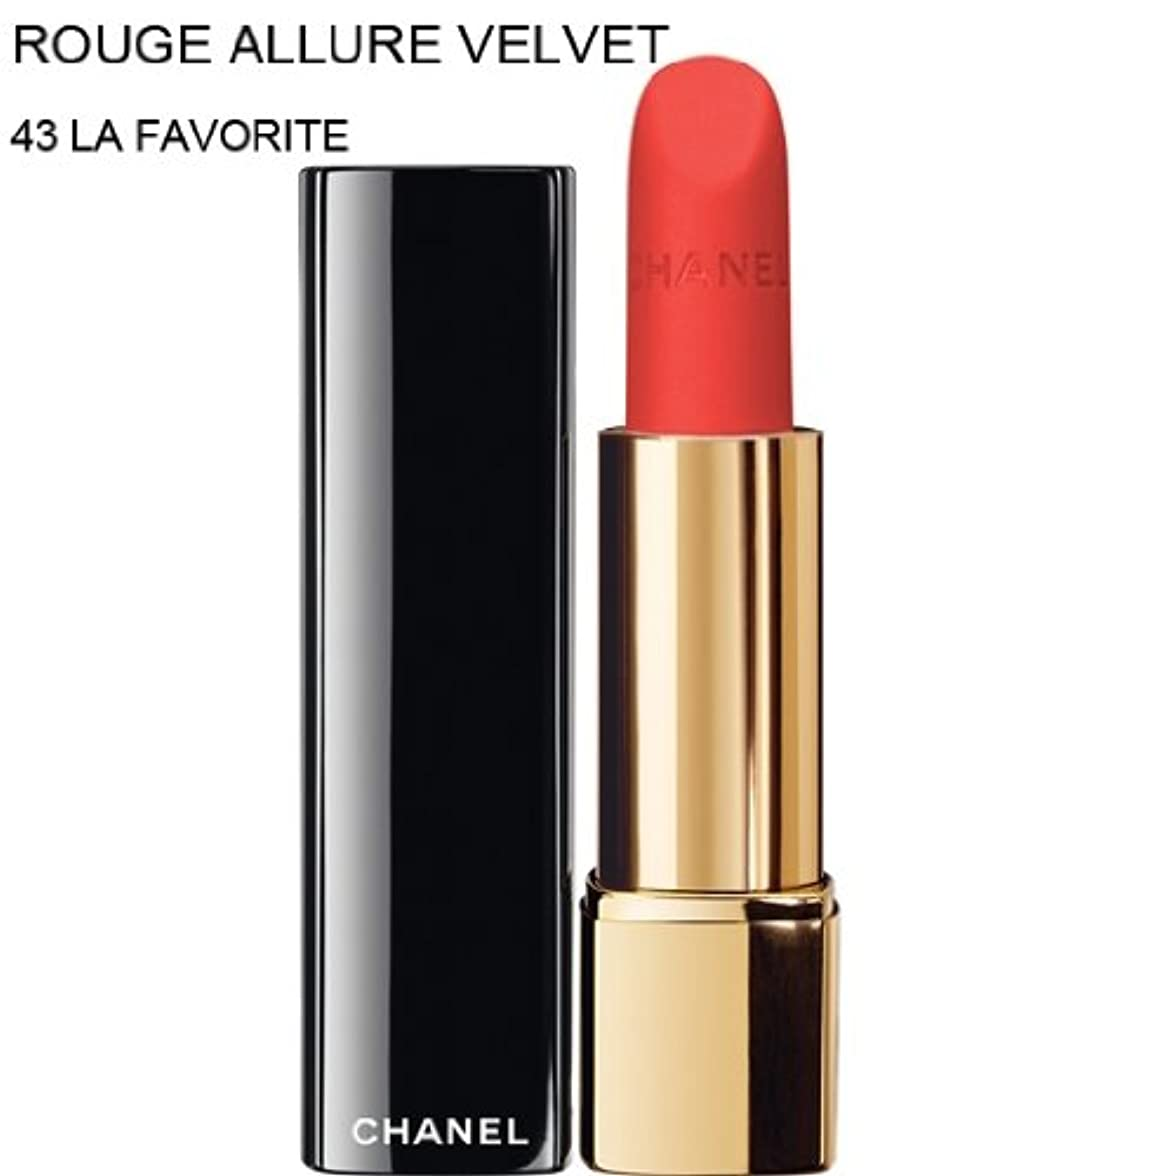 シャープつば一目CHANEL-Lipstick ROUGE ALLURE VELVET (43 LA FAVORITE) (parallel imported item 並行輸入品)